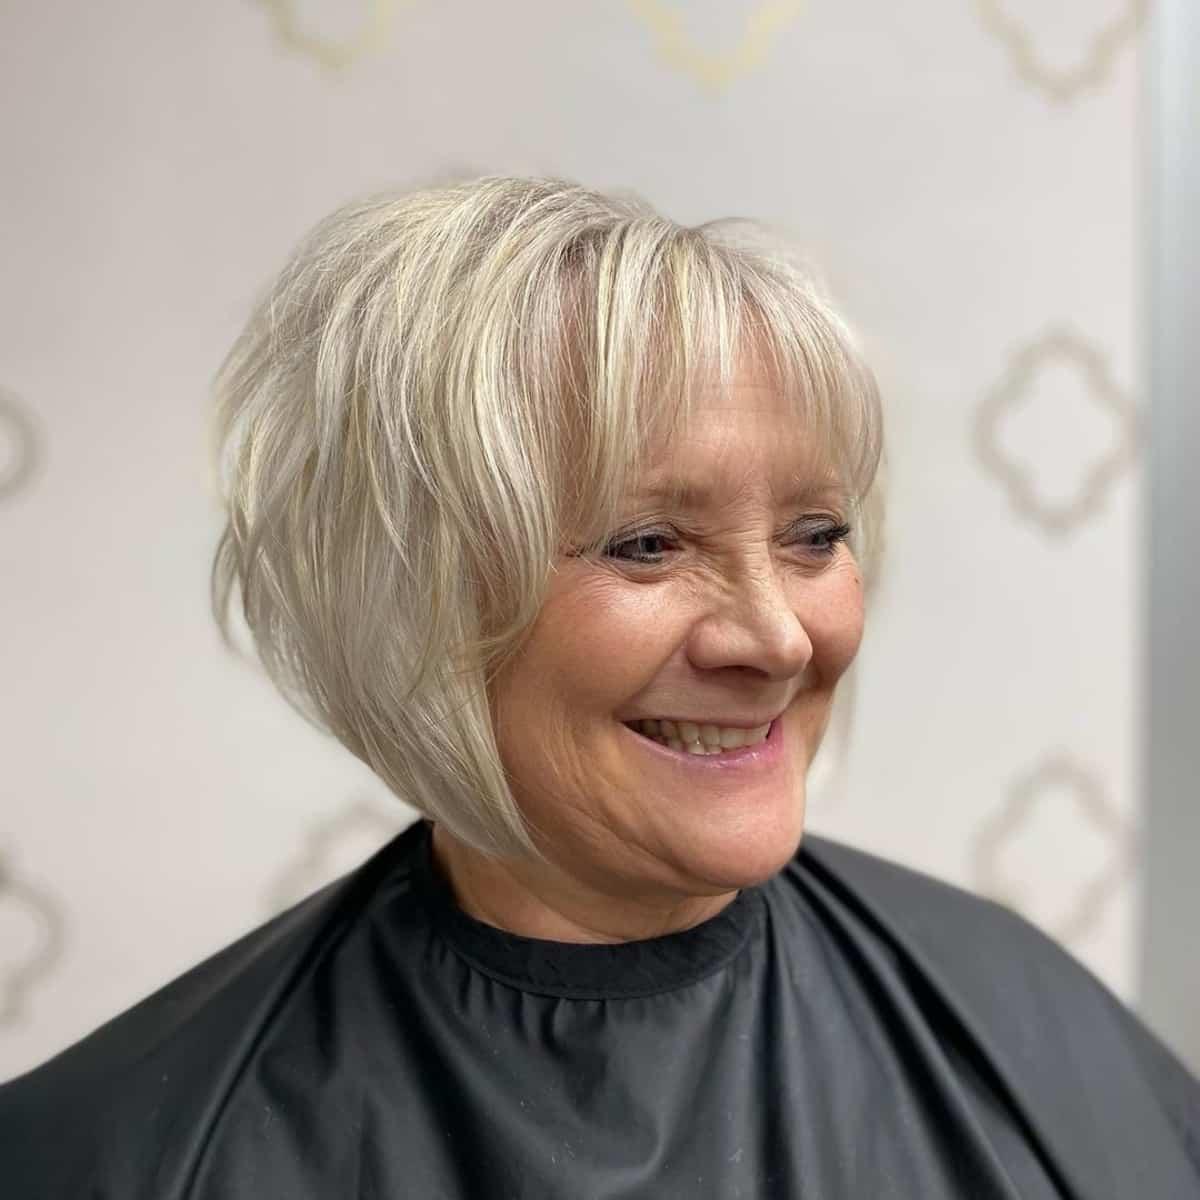 Bob entrecortado angular para cabello corto y fino de más de 60